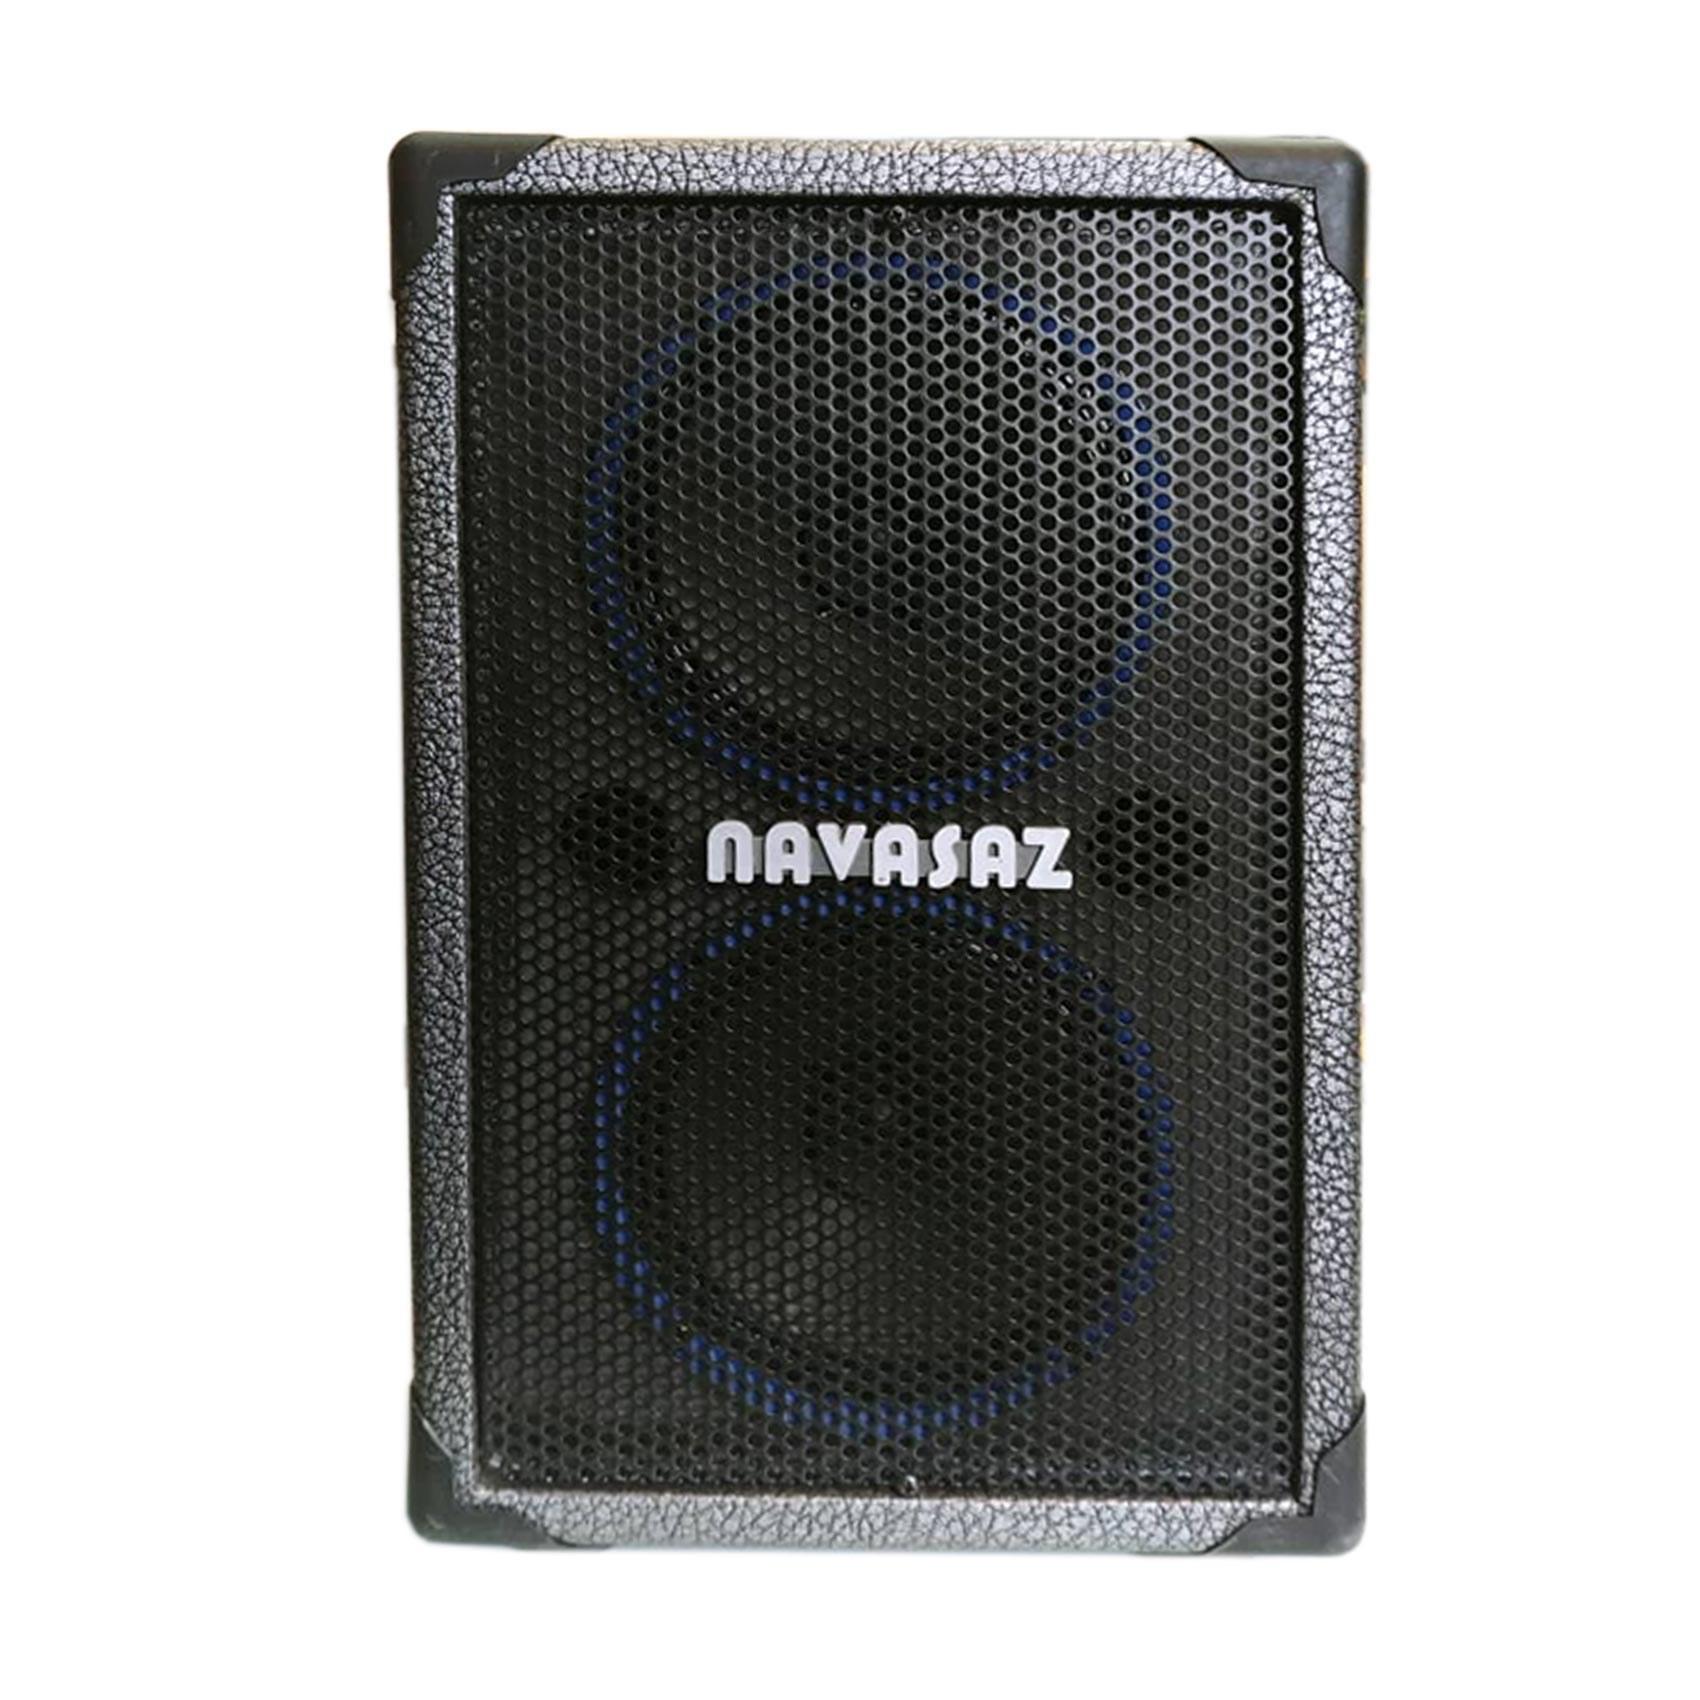 عکس اکو آمپلی فایر پرتابل شارژی نواساز مدل F4U Navasaz F4U Portable speaker Box With Ampli fier And Battery اکو-امپلی-فایر-پرتابل-شارژی-نواساز-مدل-f4u